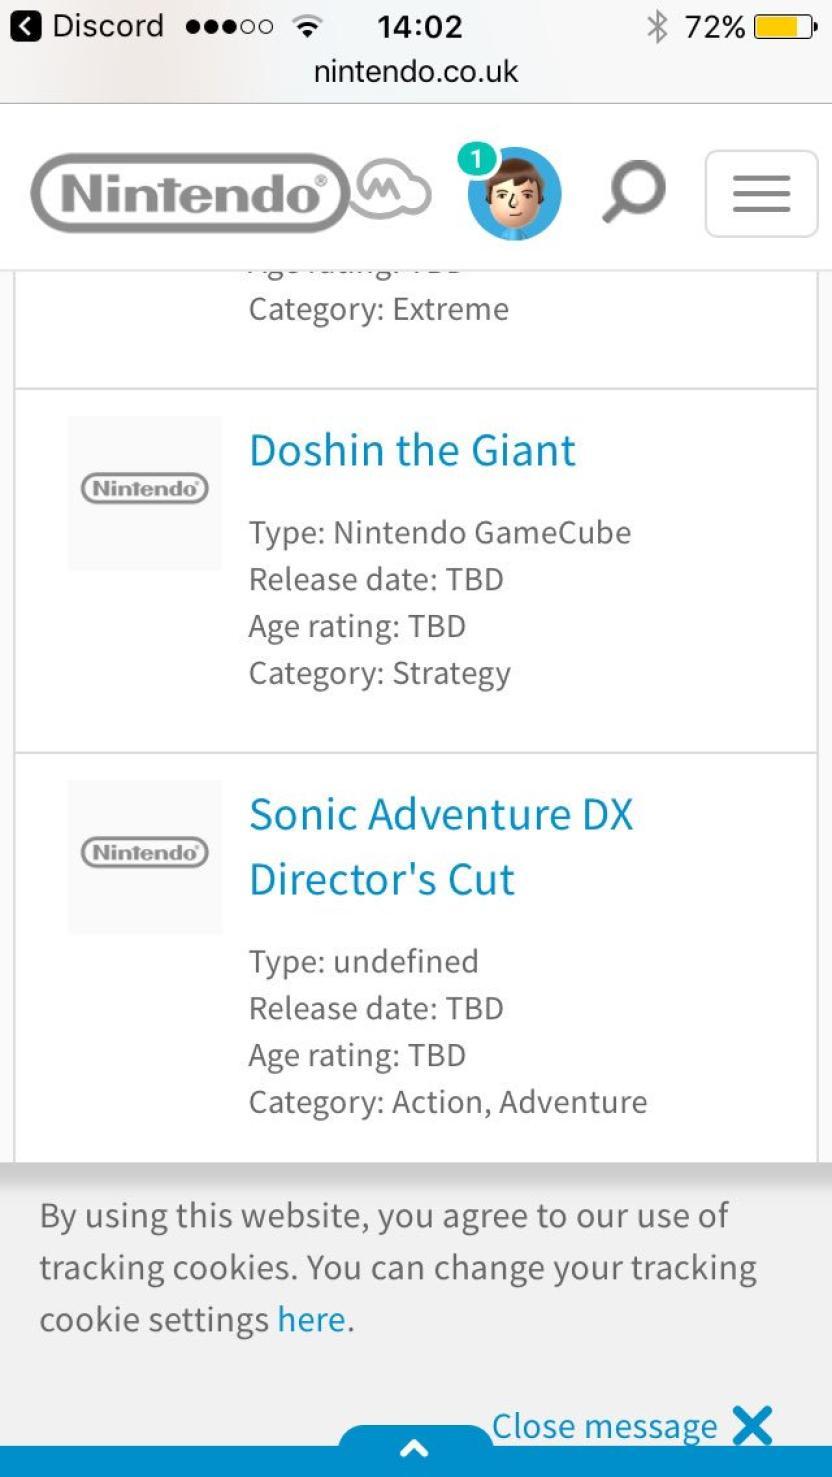 Aparecen listados títulos de Gamecube en la página de Nintendo, ¿consola virtual?